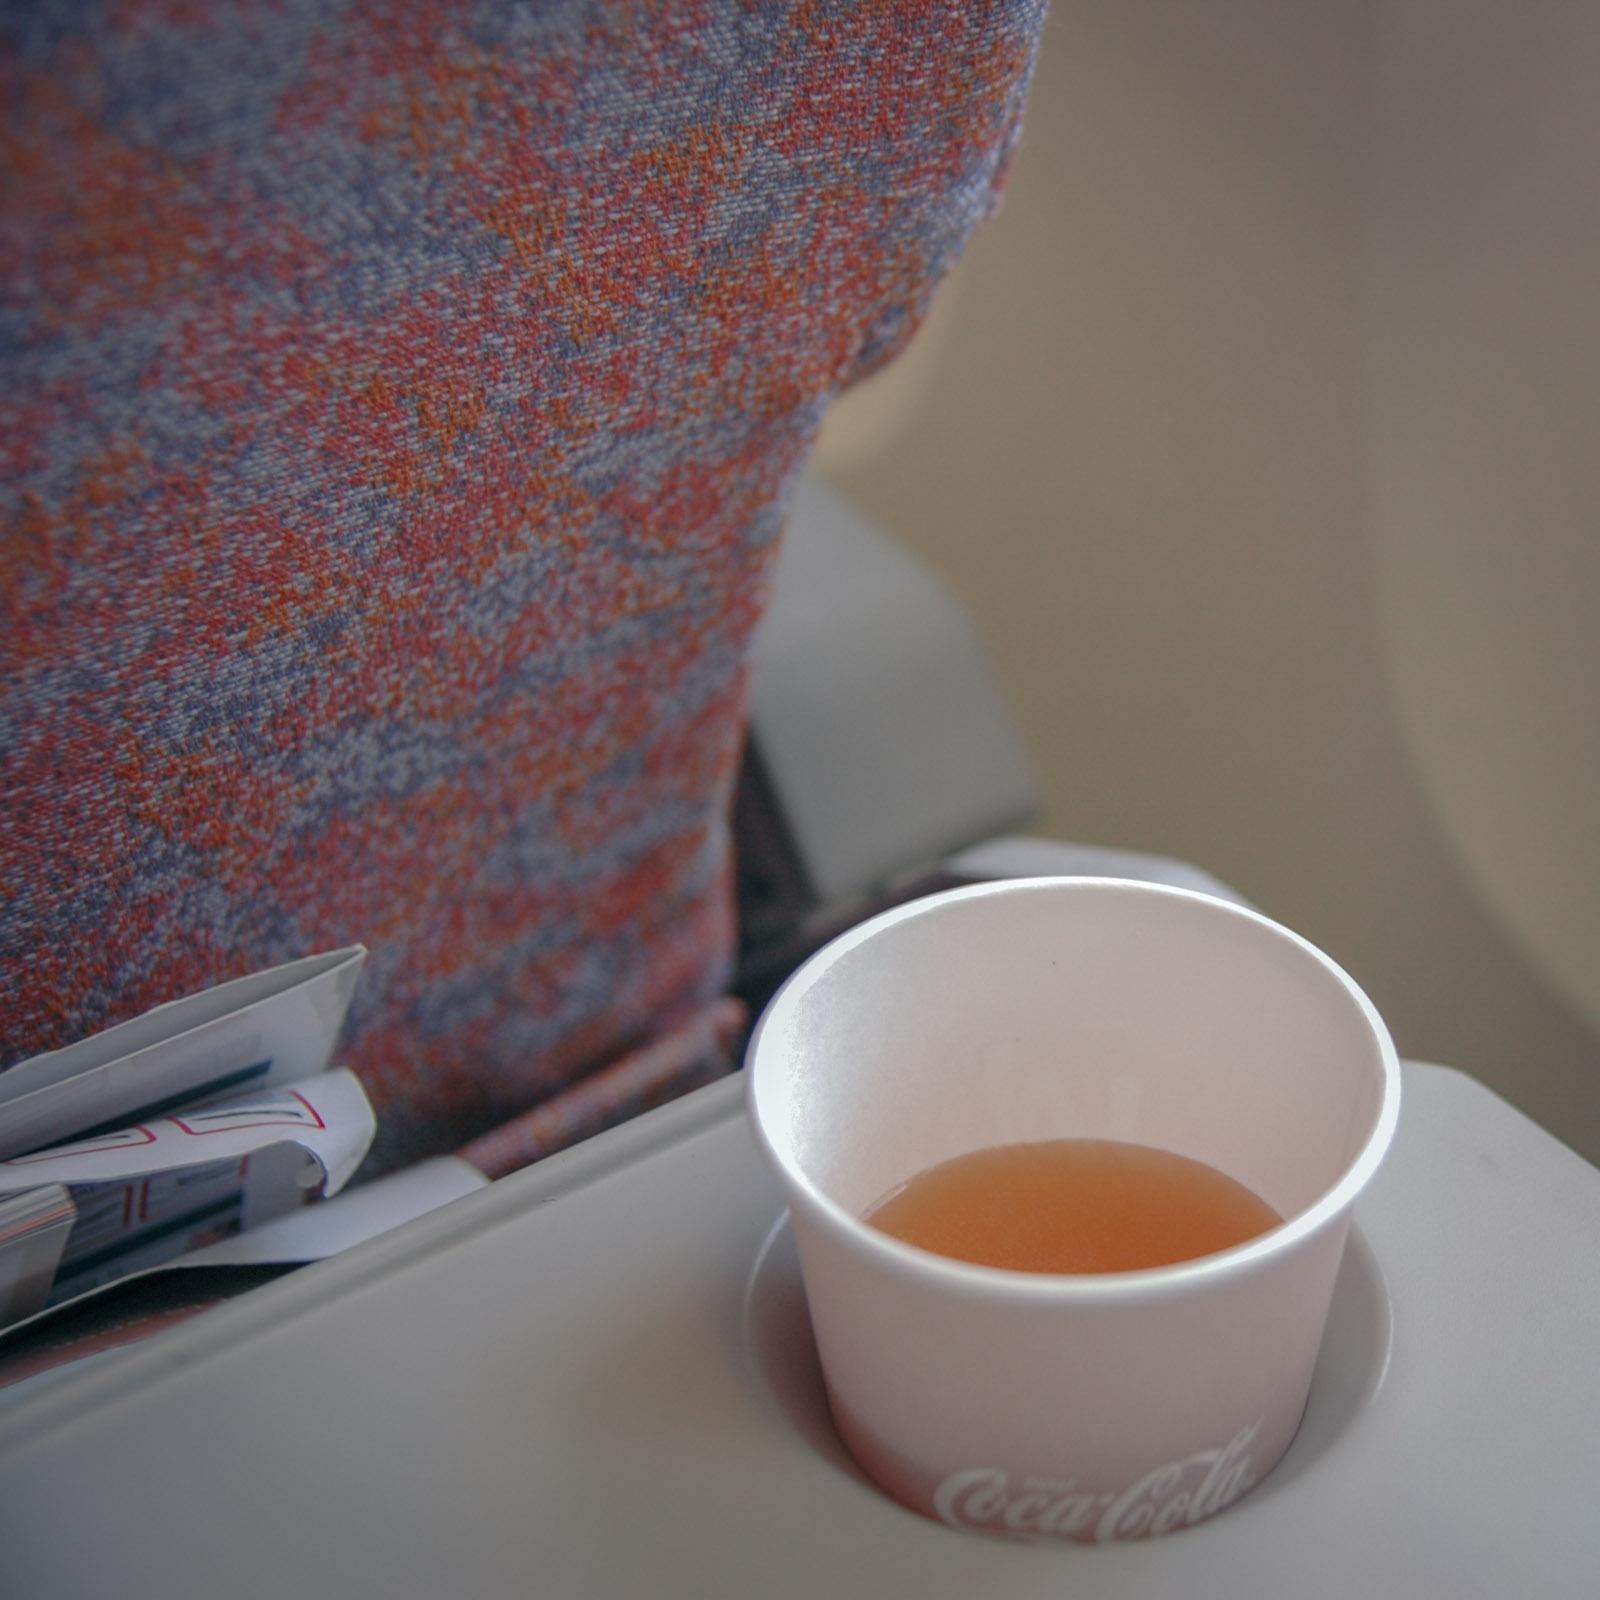 JALといえばスープでしょ